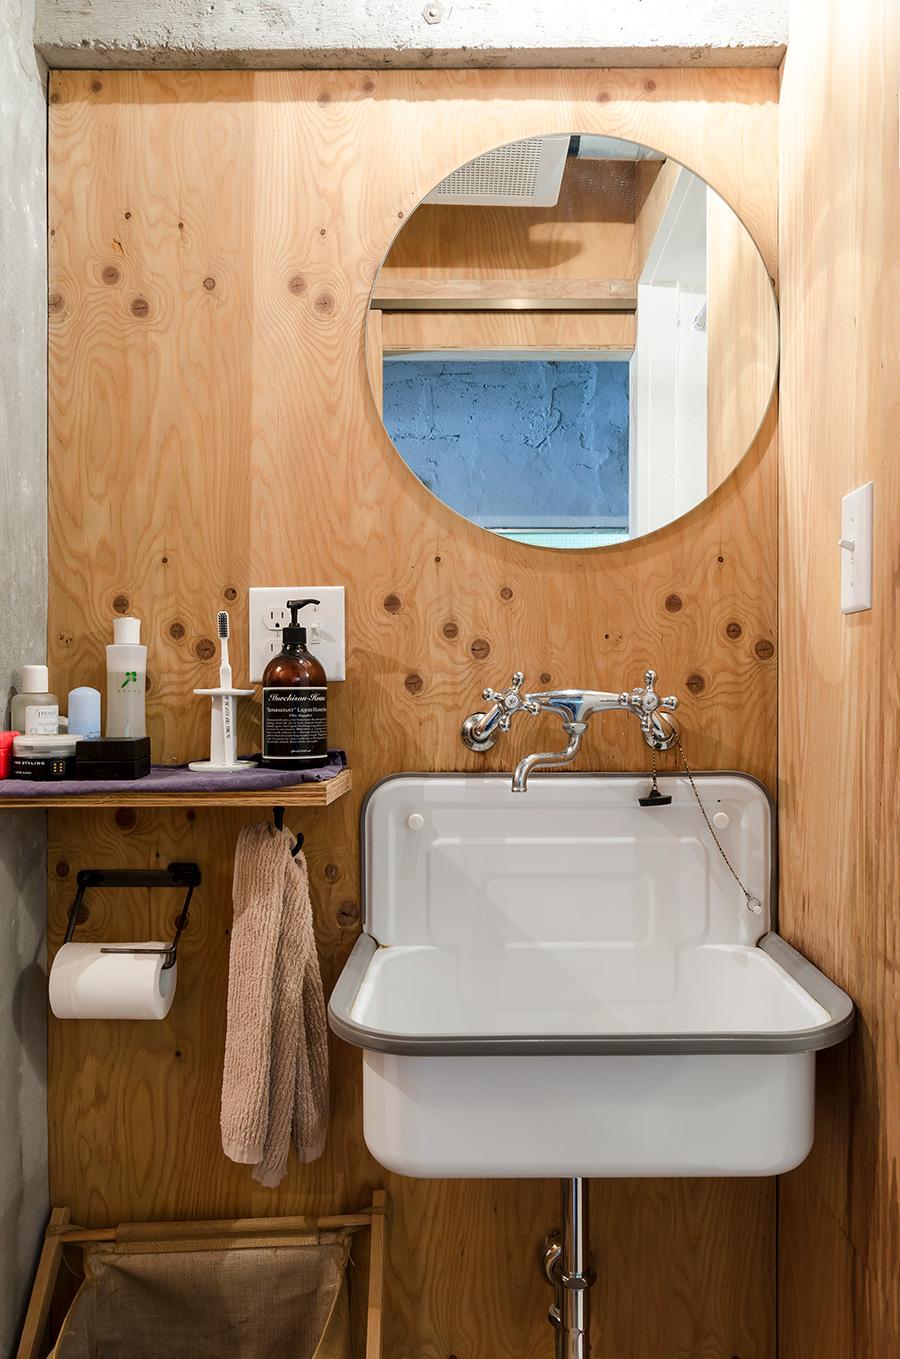 木材の風合いを活かした温かみのあるシンプルな洗面所。